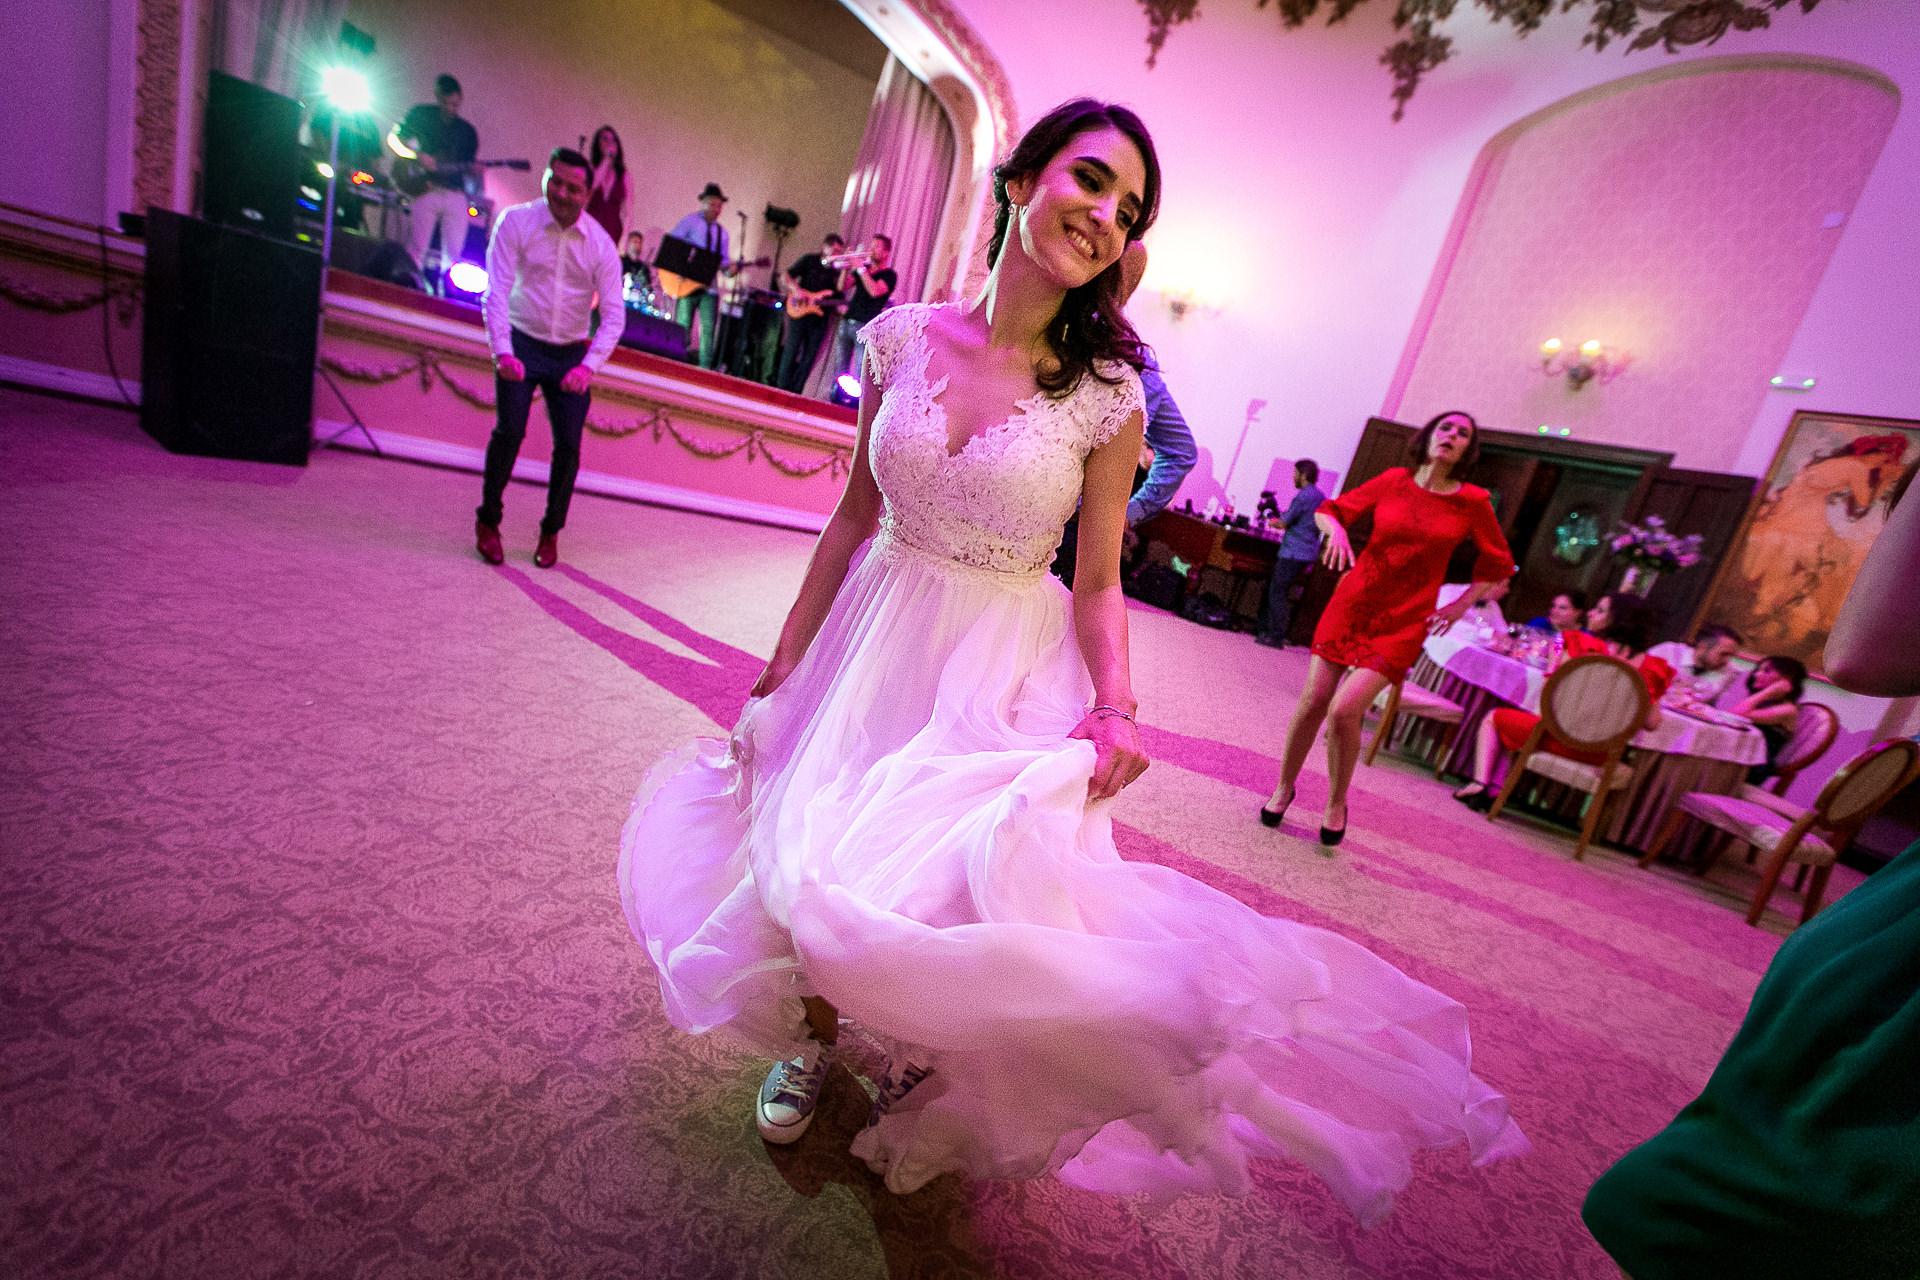 nuntă Salon Elisabeta - Elena şi Costin - Mihai Zaharia Photography - 094